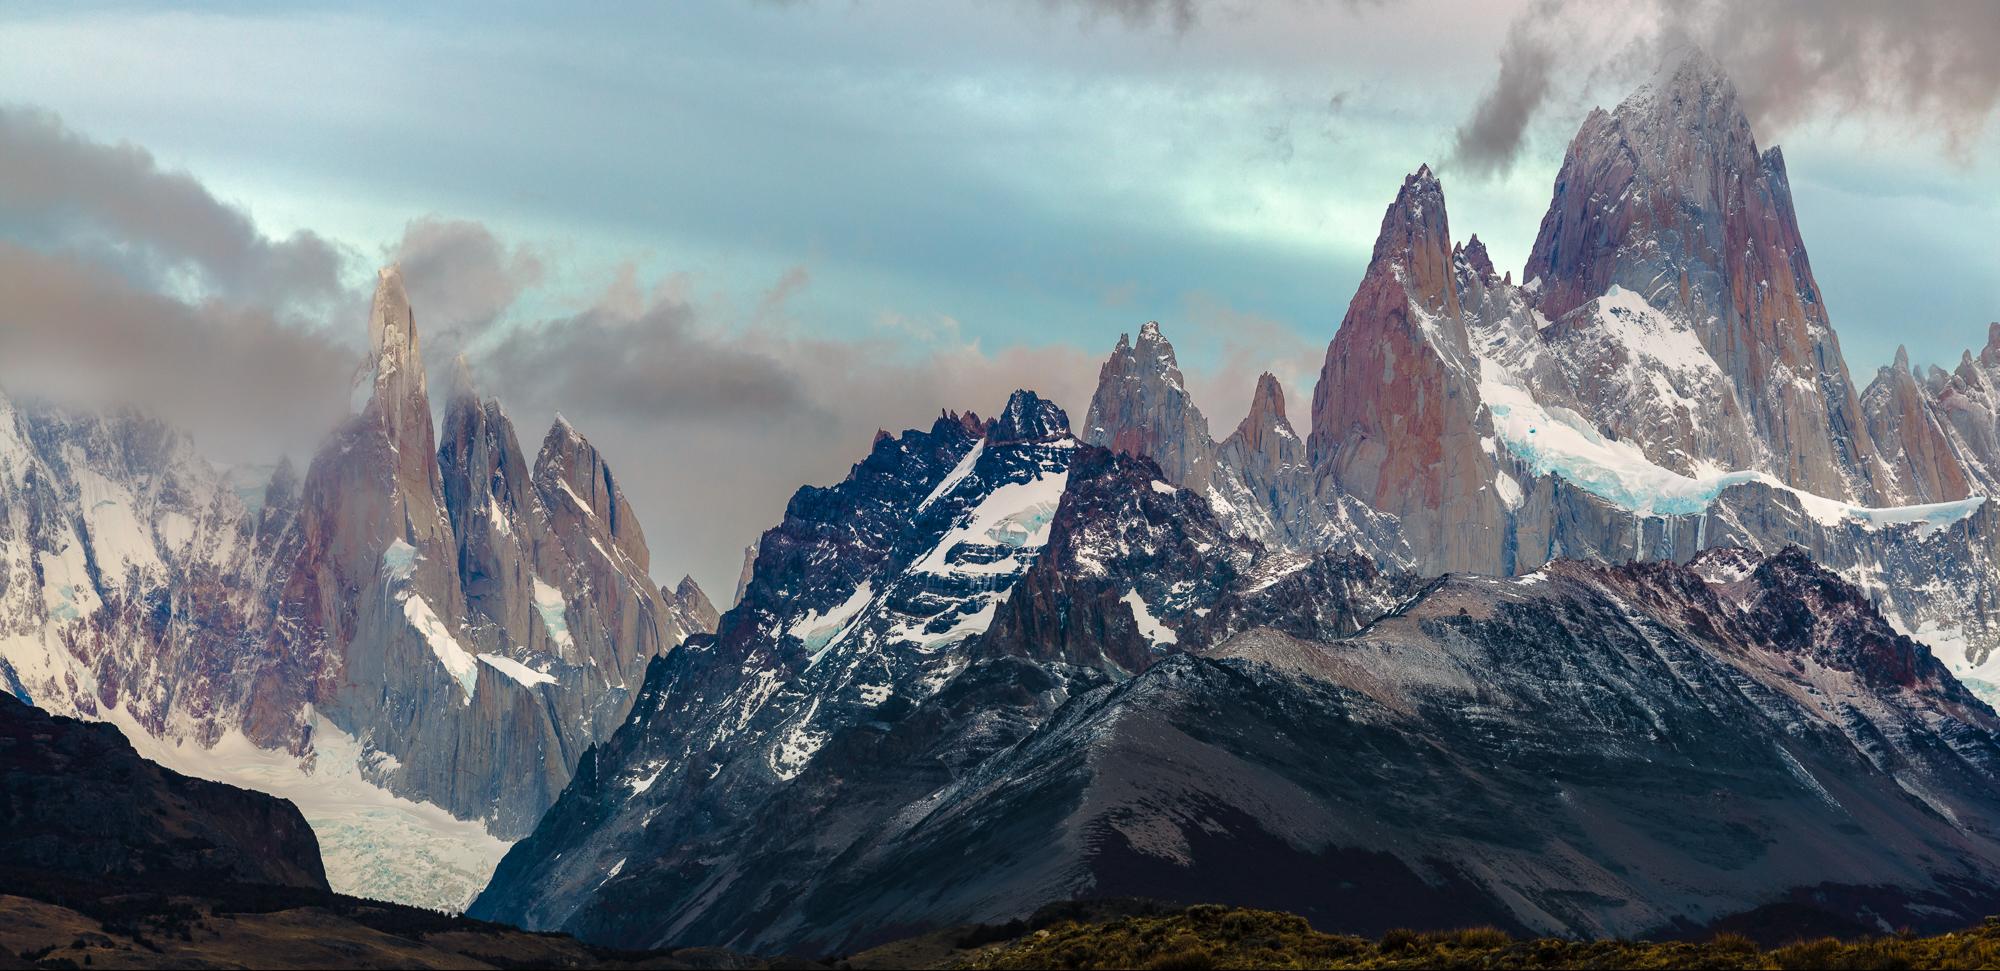 Patagonia18-3238-Pano-Edit.jpg